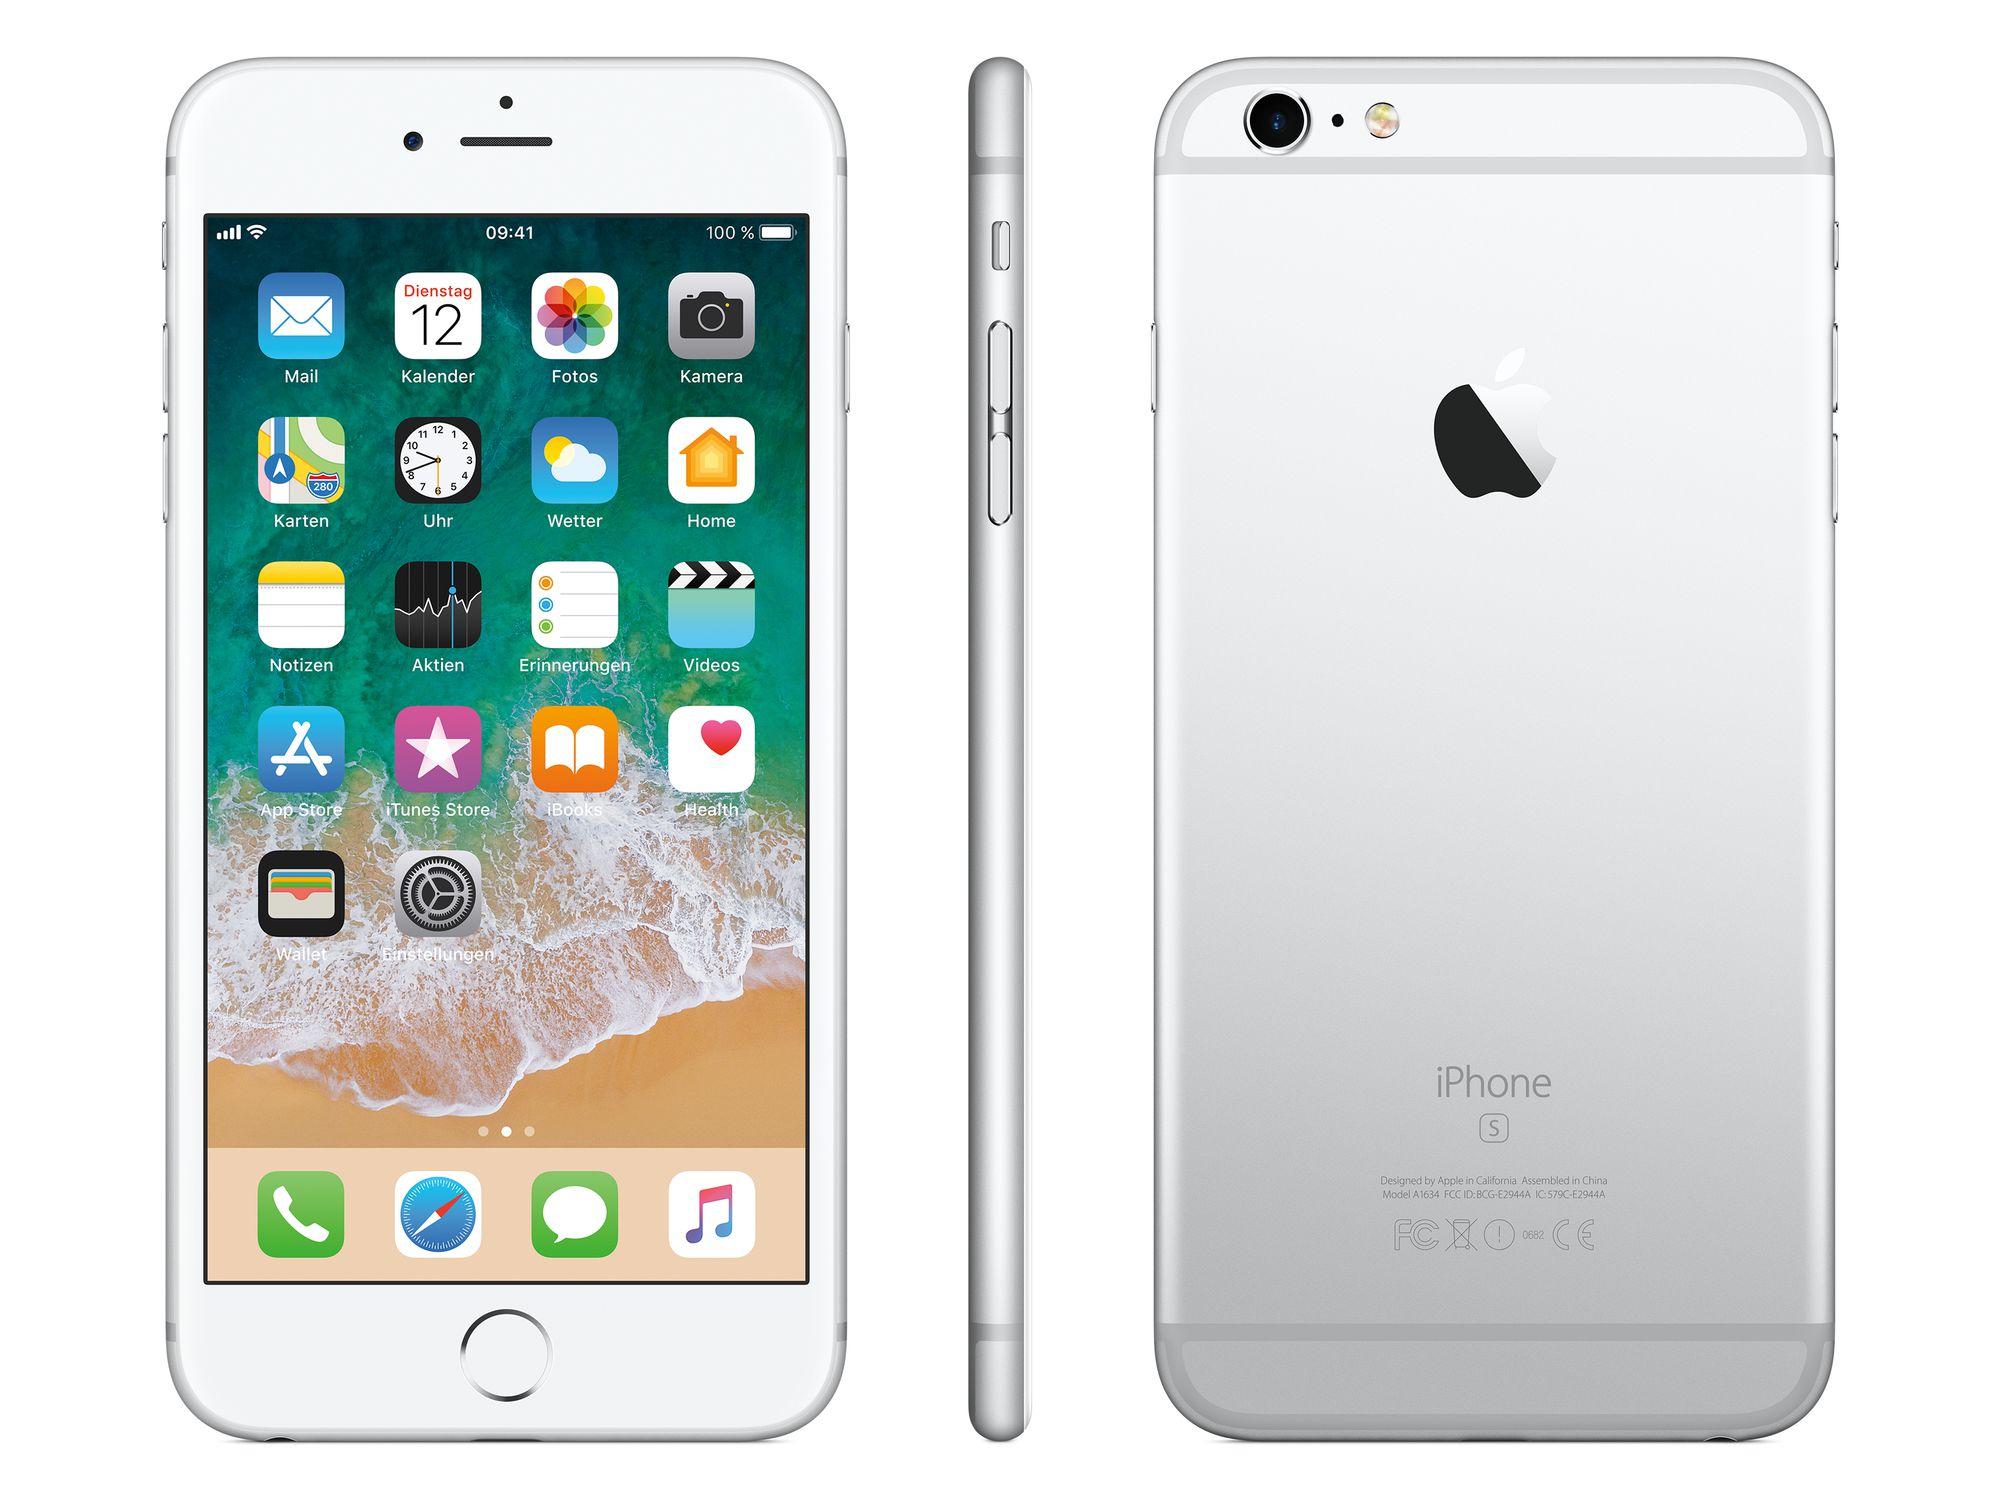 iPhone 6s - Hier findest du die Reparaturen und Preise für das iPhone 6s. Sollte eine von dir gesuchte Reparatur nicht aufgeführt sein. Dann melde dich einfach bei uns!